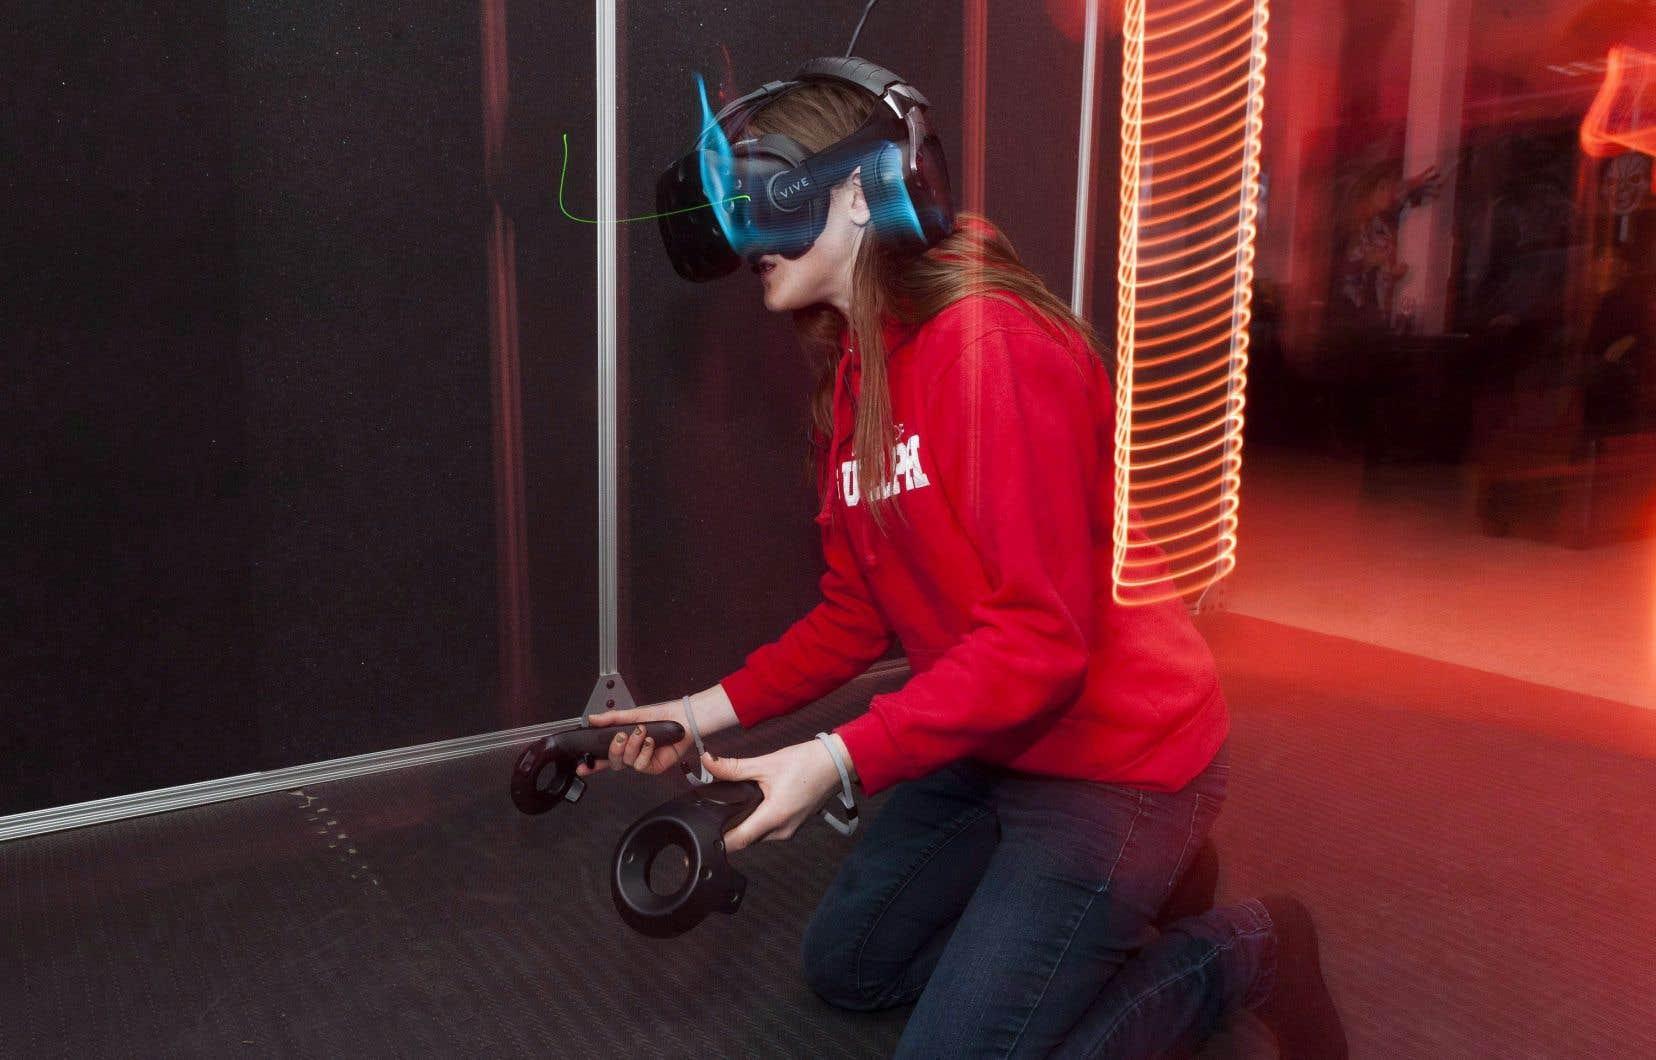 L'arcade de réalité virtuelle Ctrl V, à Waterloo, est le premier établissement du genre au pays.